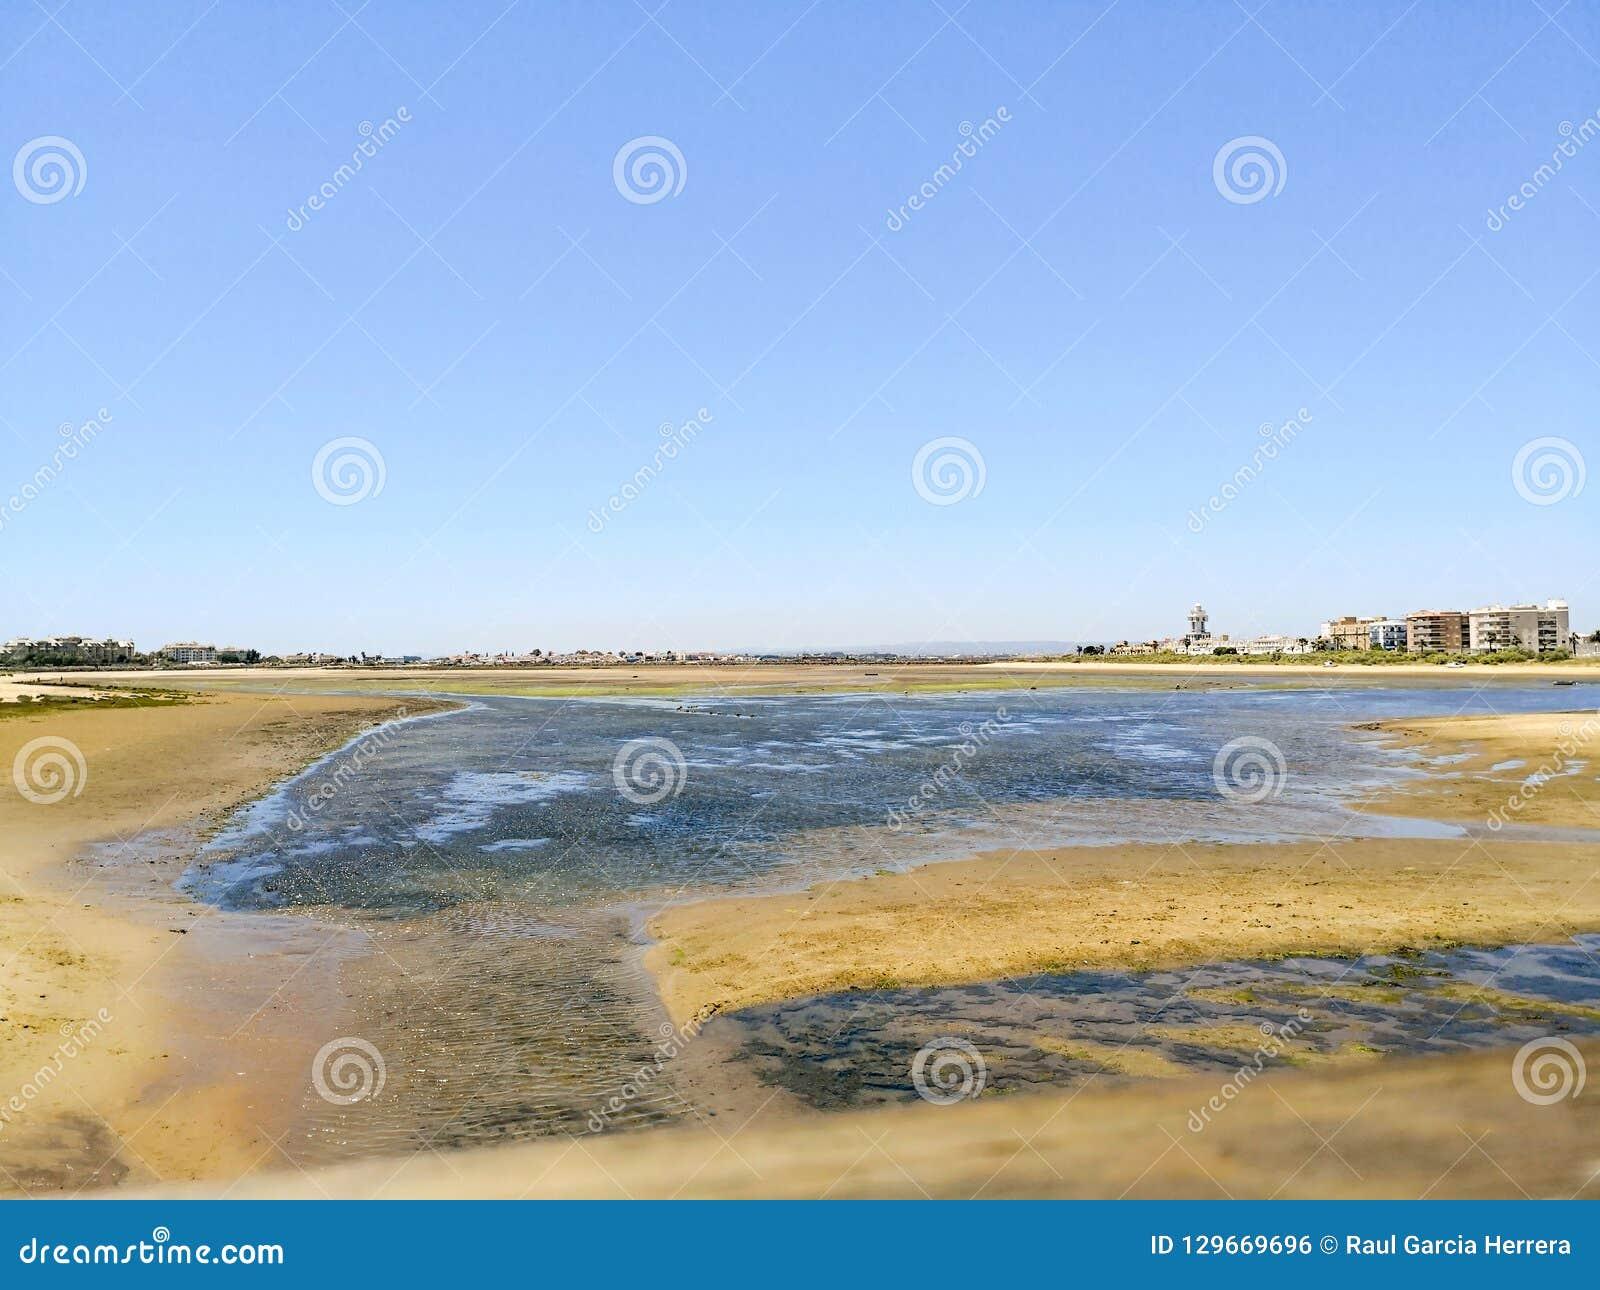 Schaaldierengebied naast het strand van islacristina, Costa de la Luz, Huelva, Spanje Cantilstrand op de achtergrond